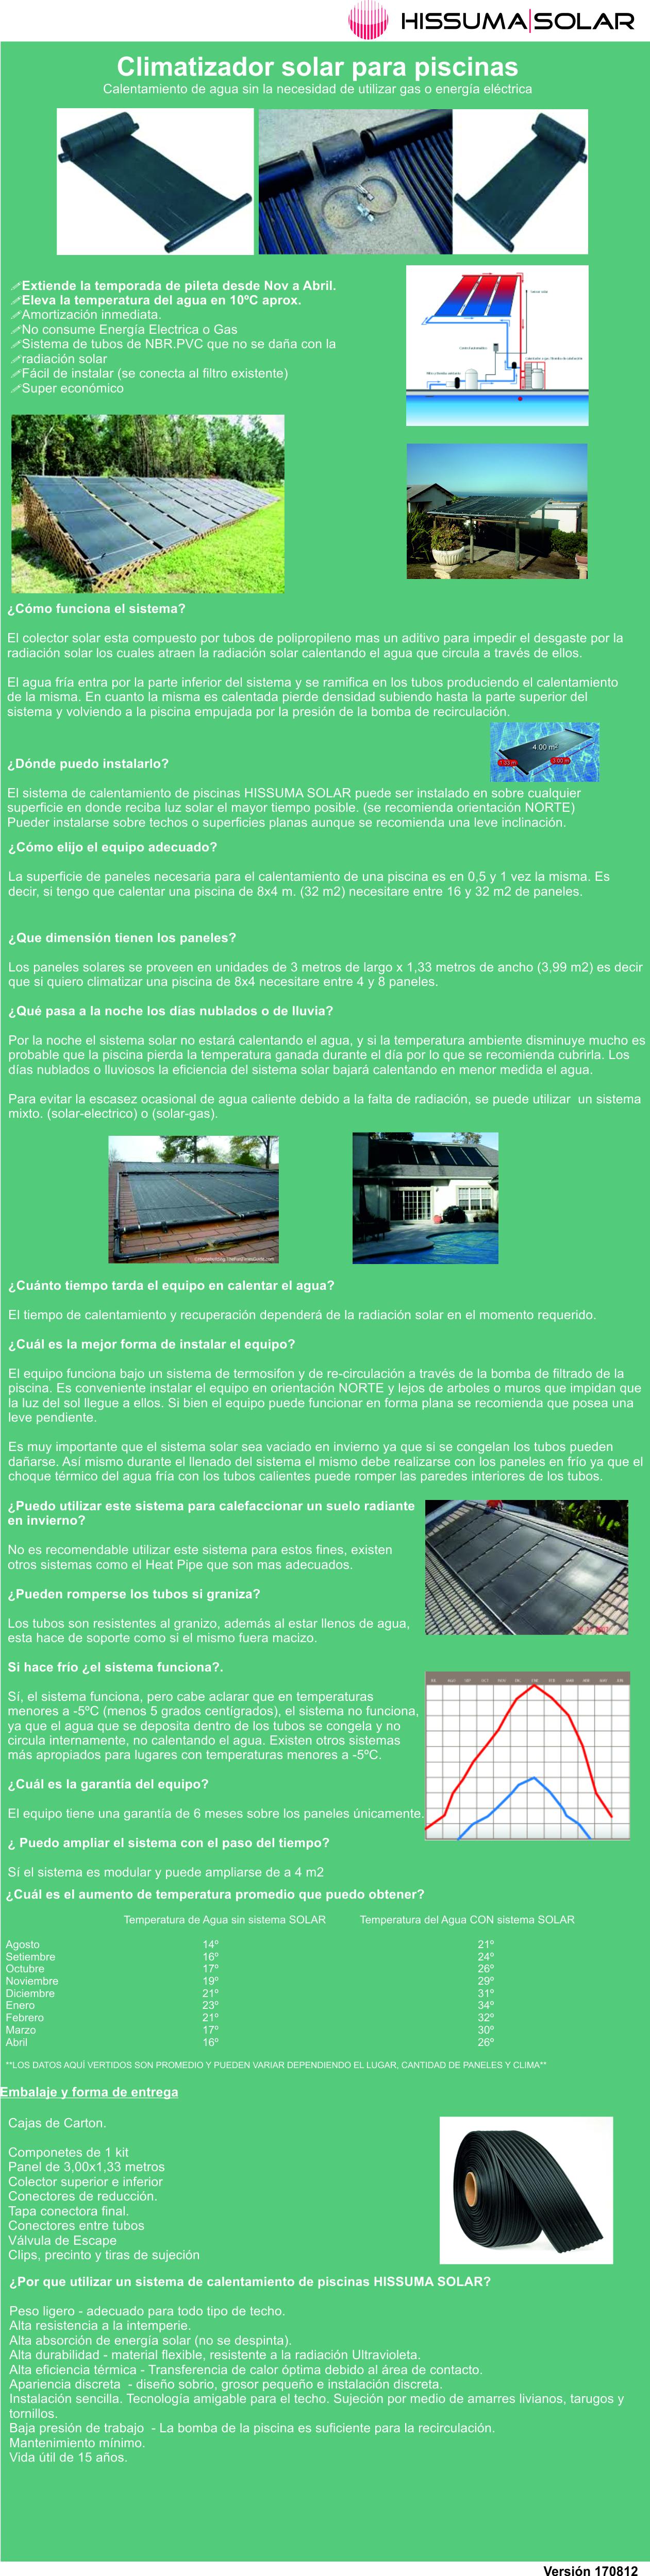 Sistema de calefacci n solar para piscinas precio por for Sistema ultravioleta para piscinas